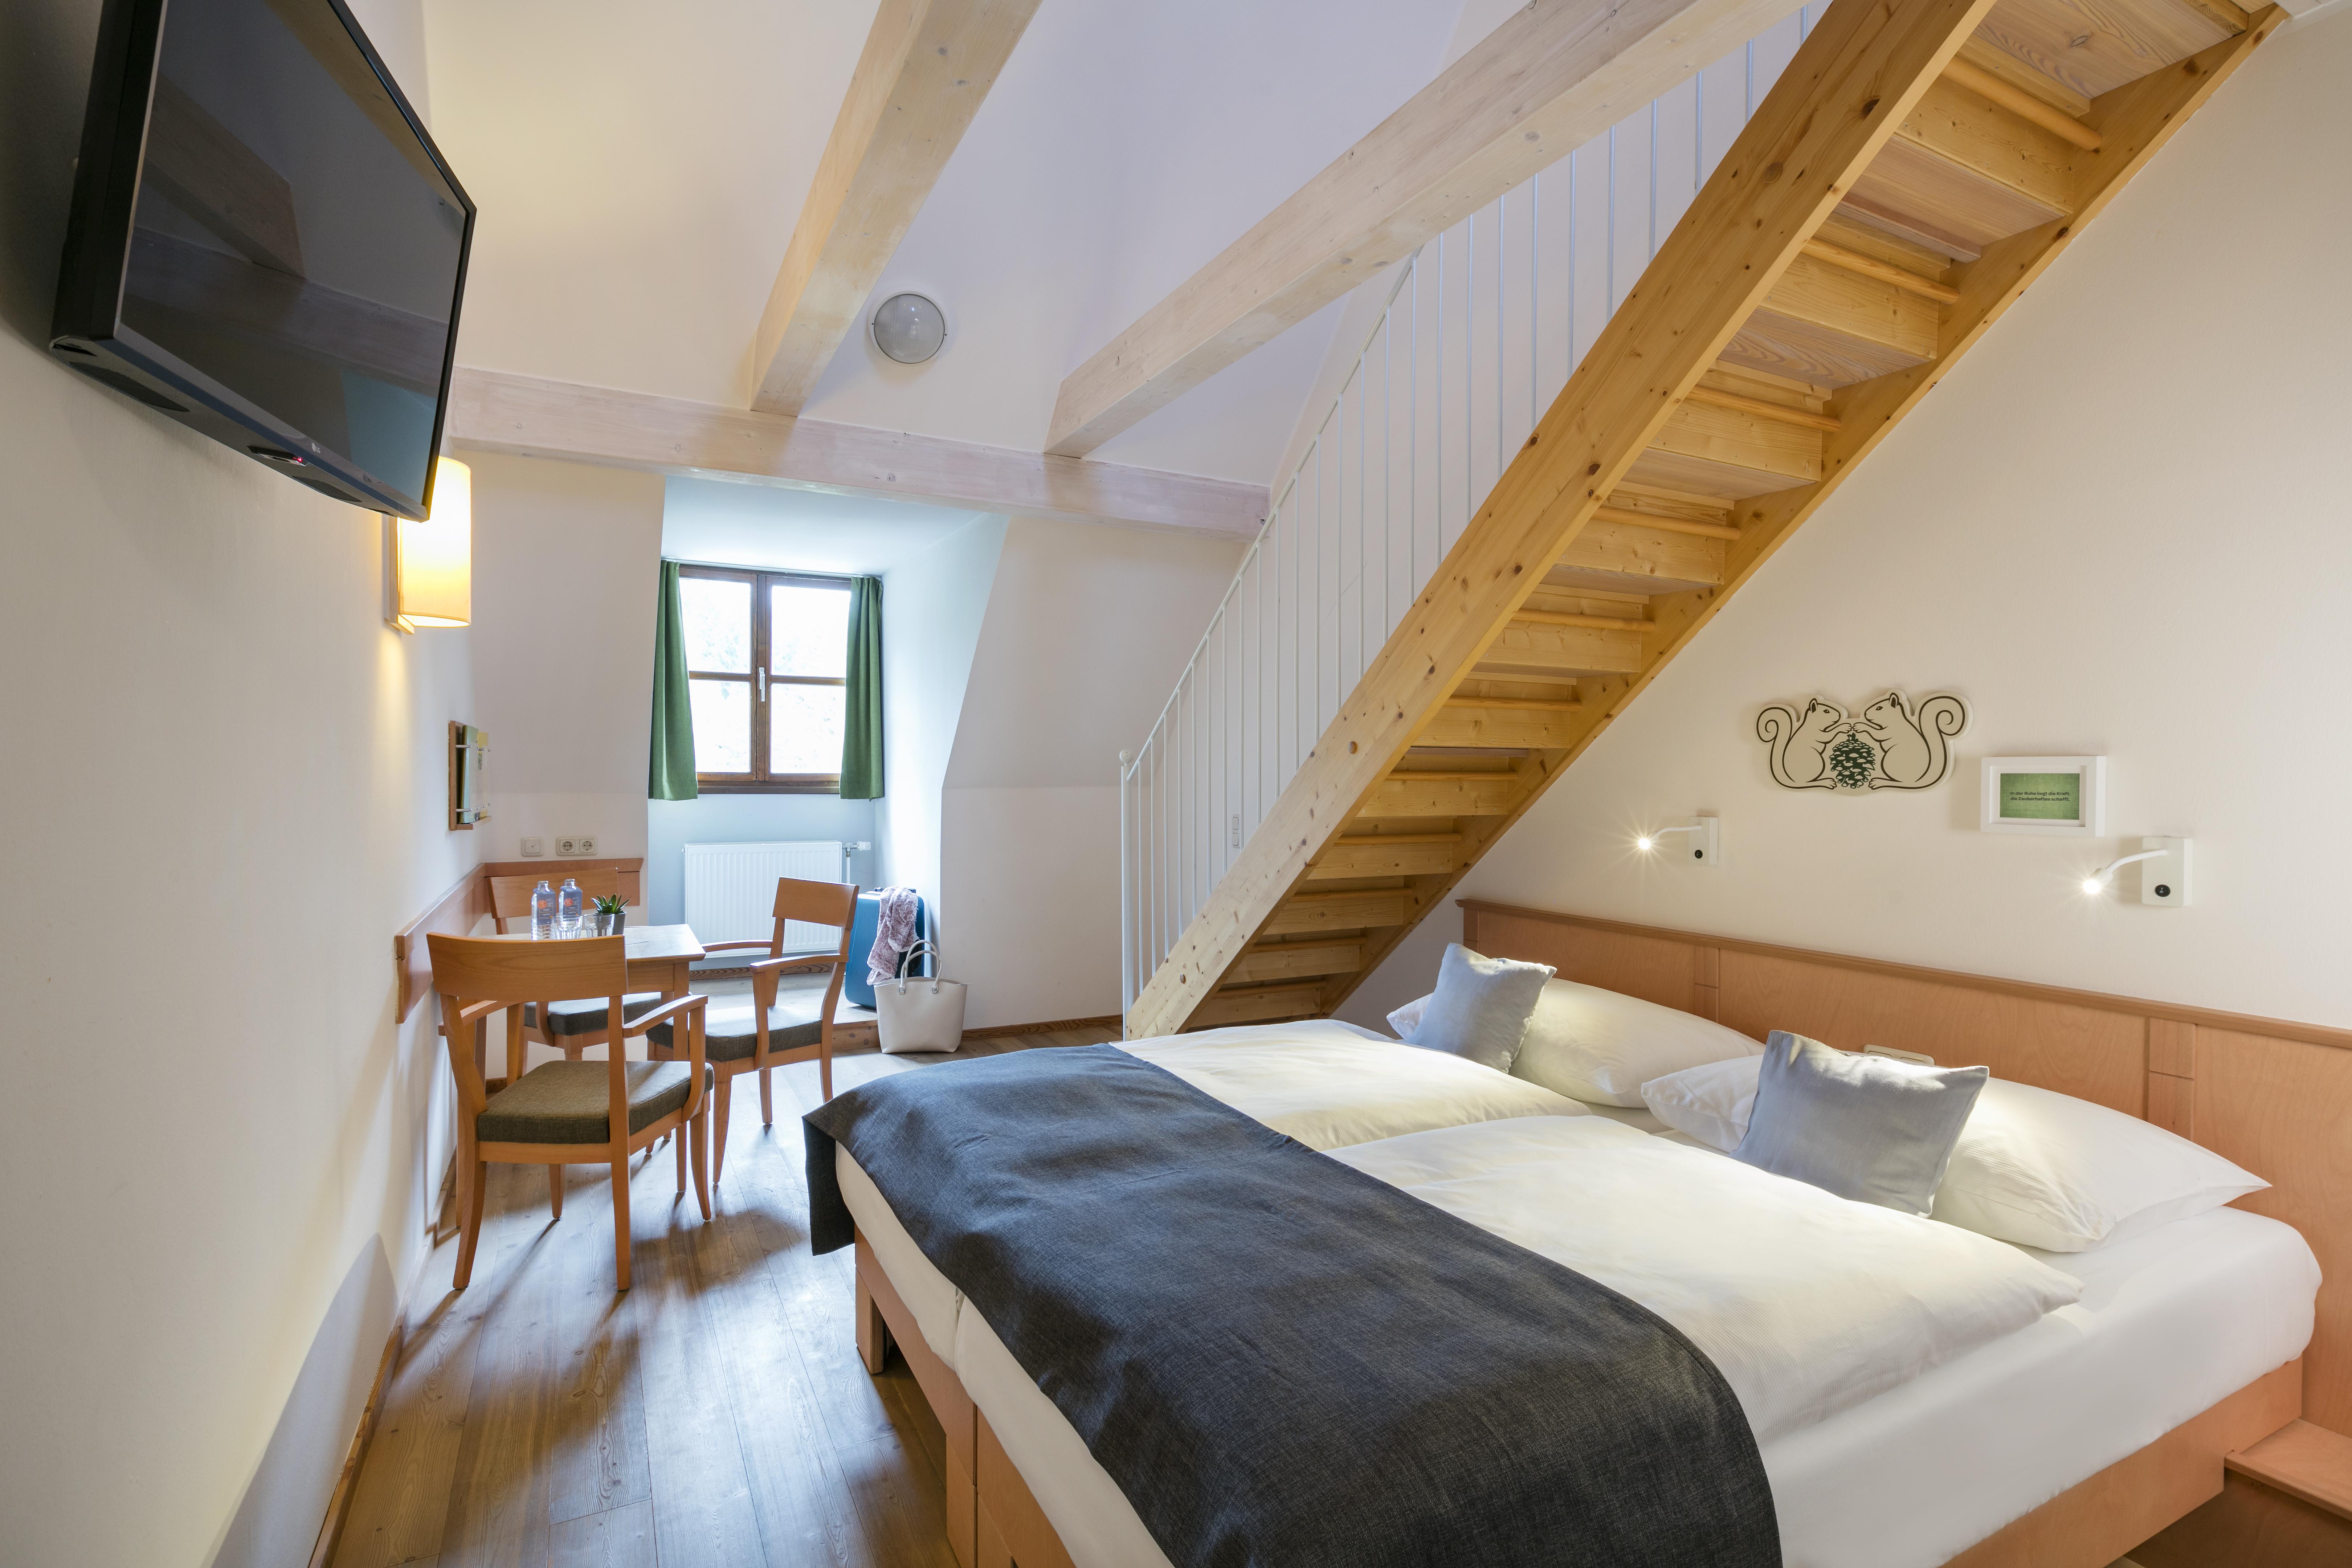 Galeriezimmer im JUFA Hotel Schloss Röthelstein/Admont*** mit Doppelbett. Der Ort für märchenhafte Hochzeiten und erfolgreiche und kreative Seminare.